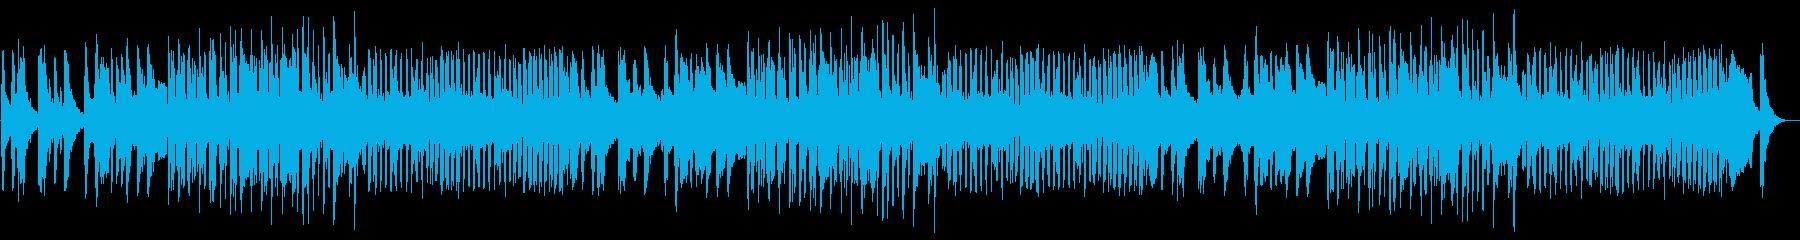 チェンバロ、フルート、ハープが特徴...の再生済みの波形